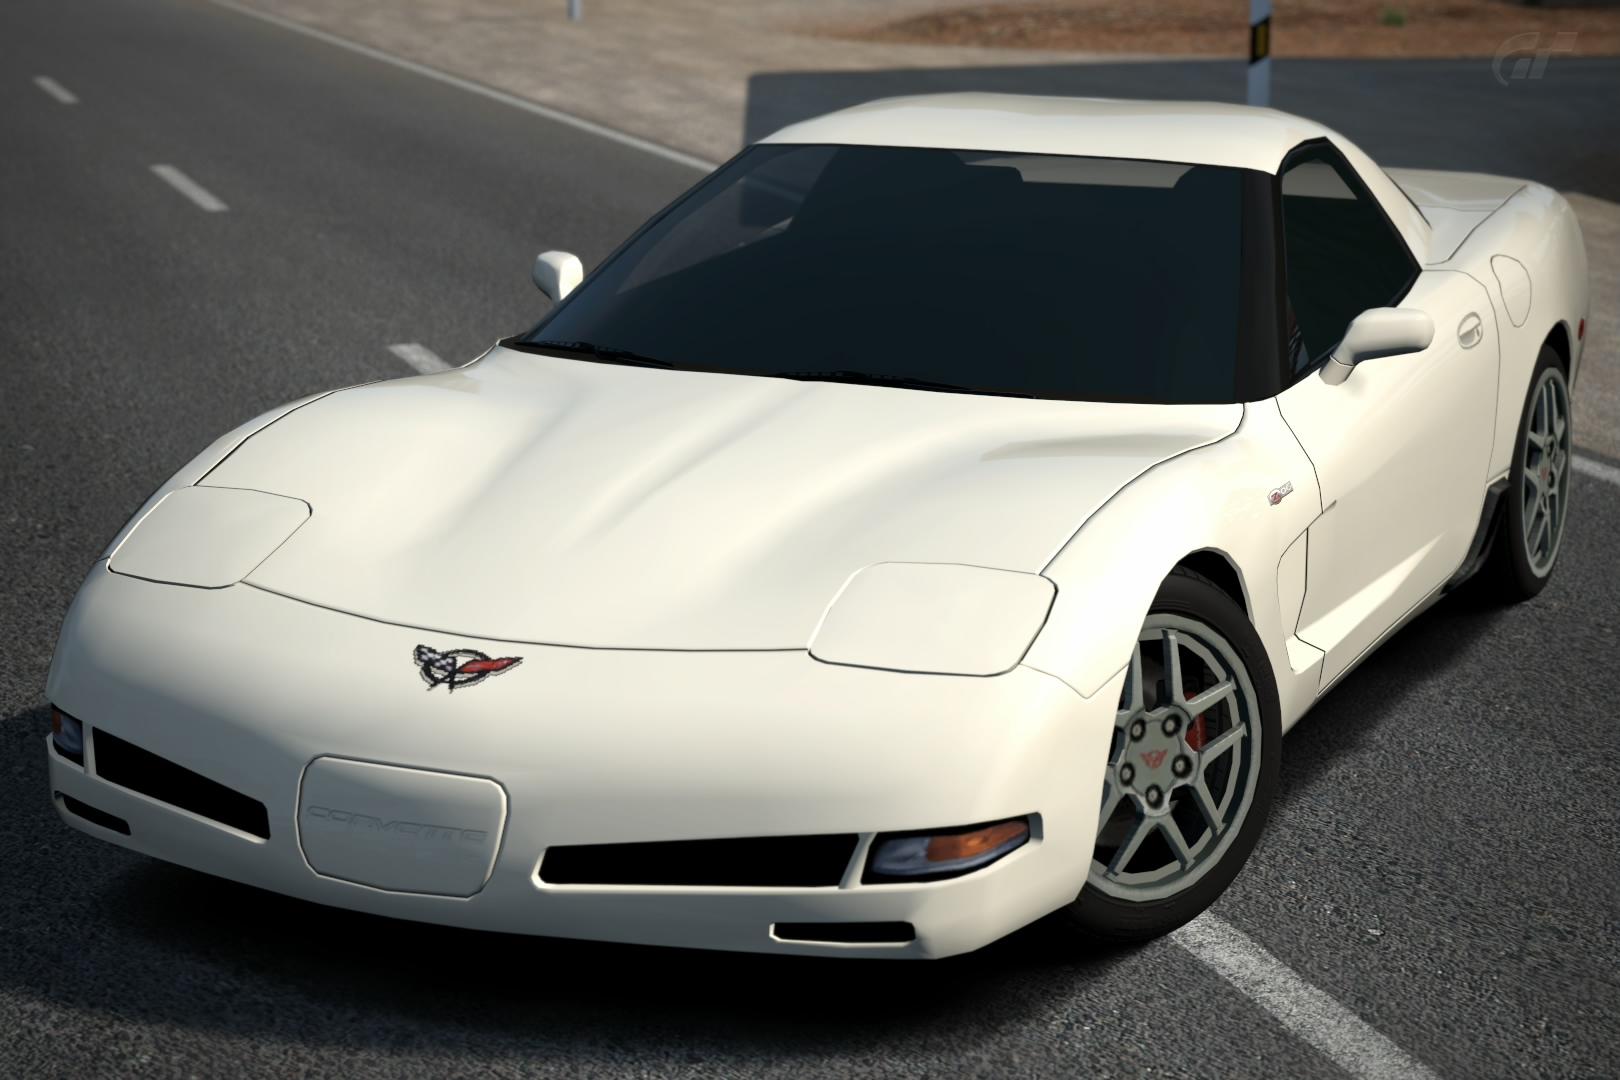 Chevrolet Corvette Z06 (C5) '00